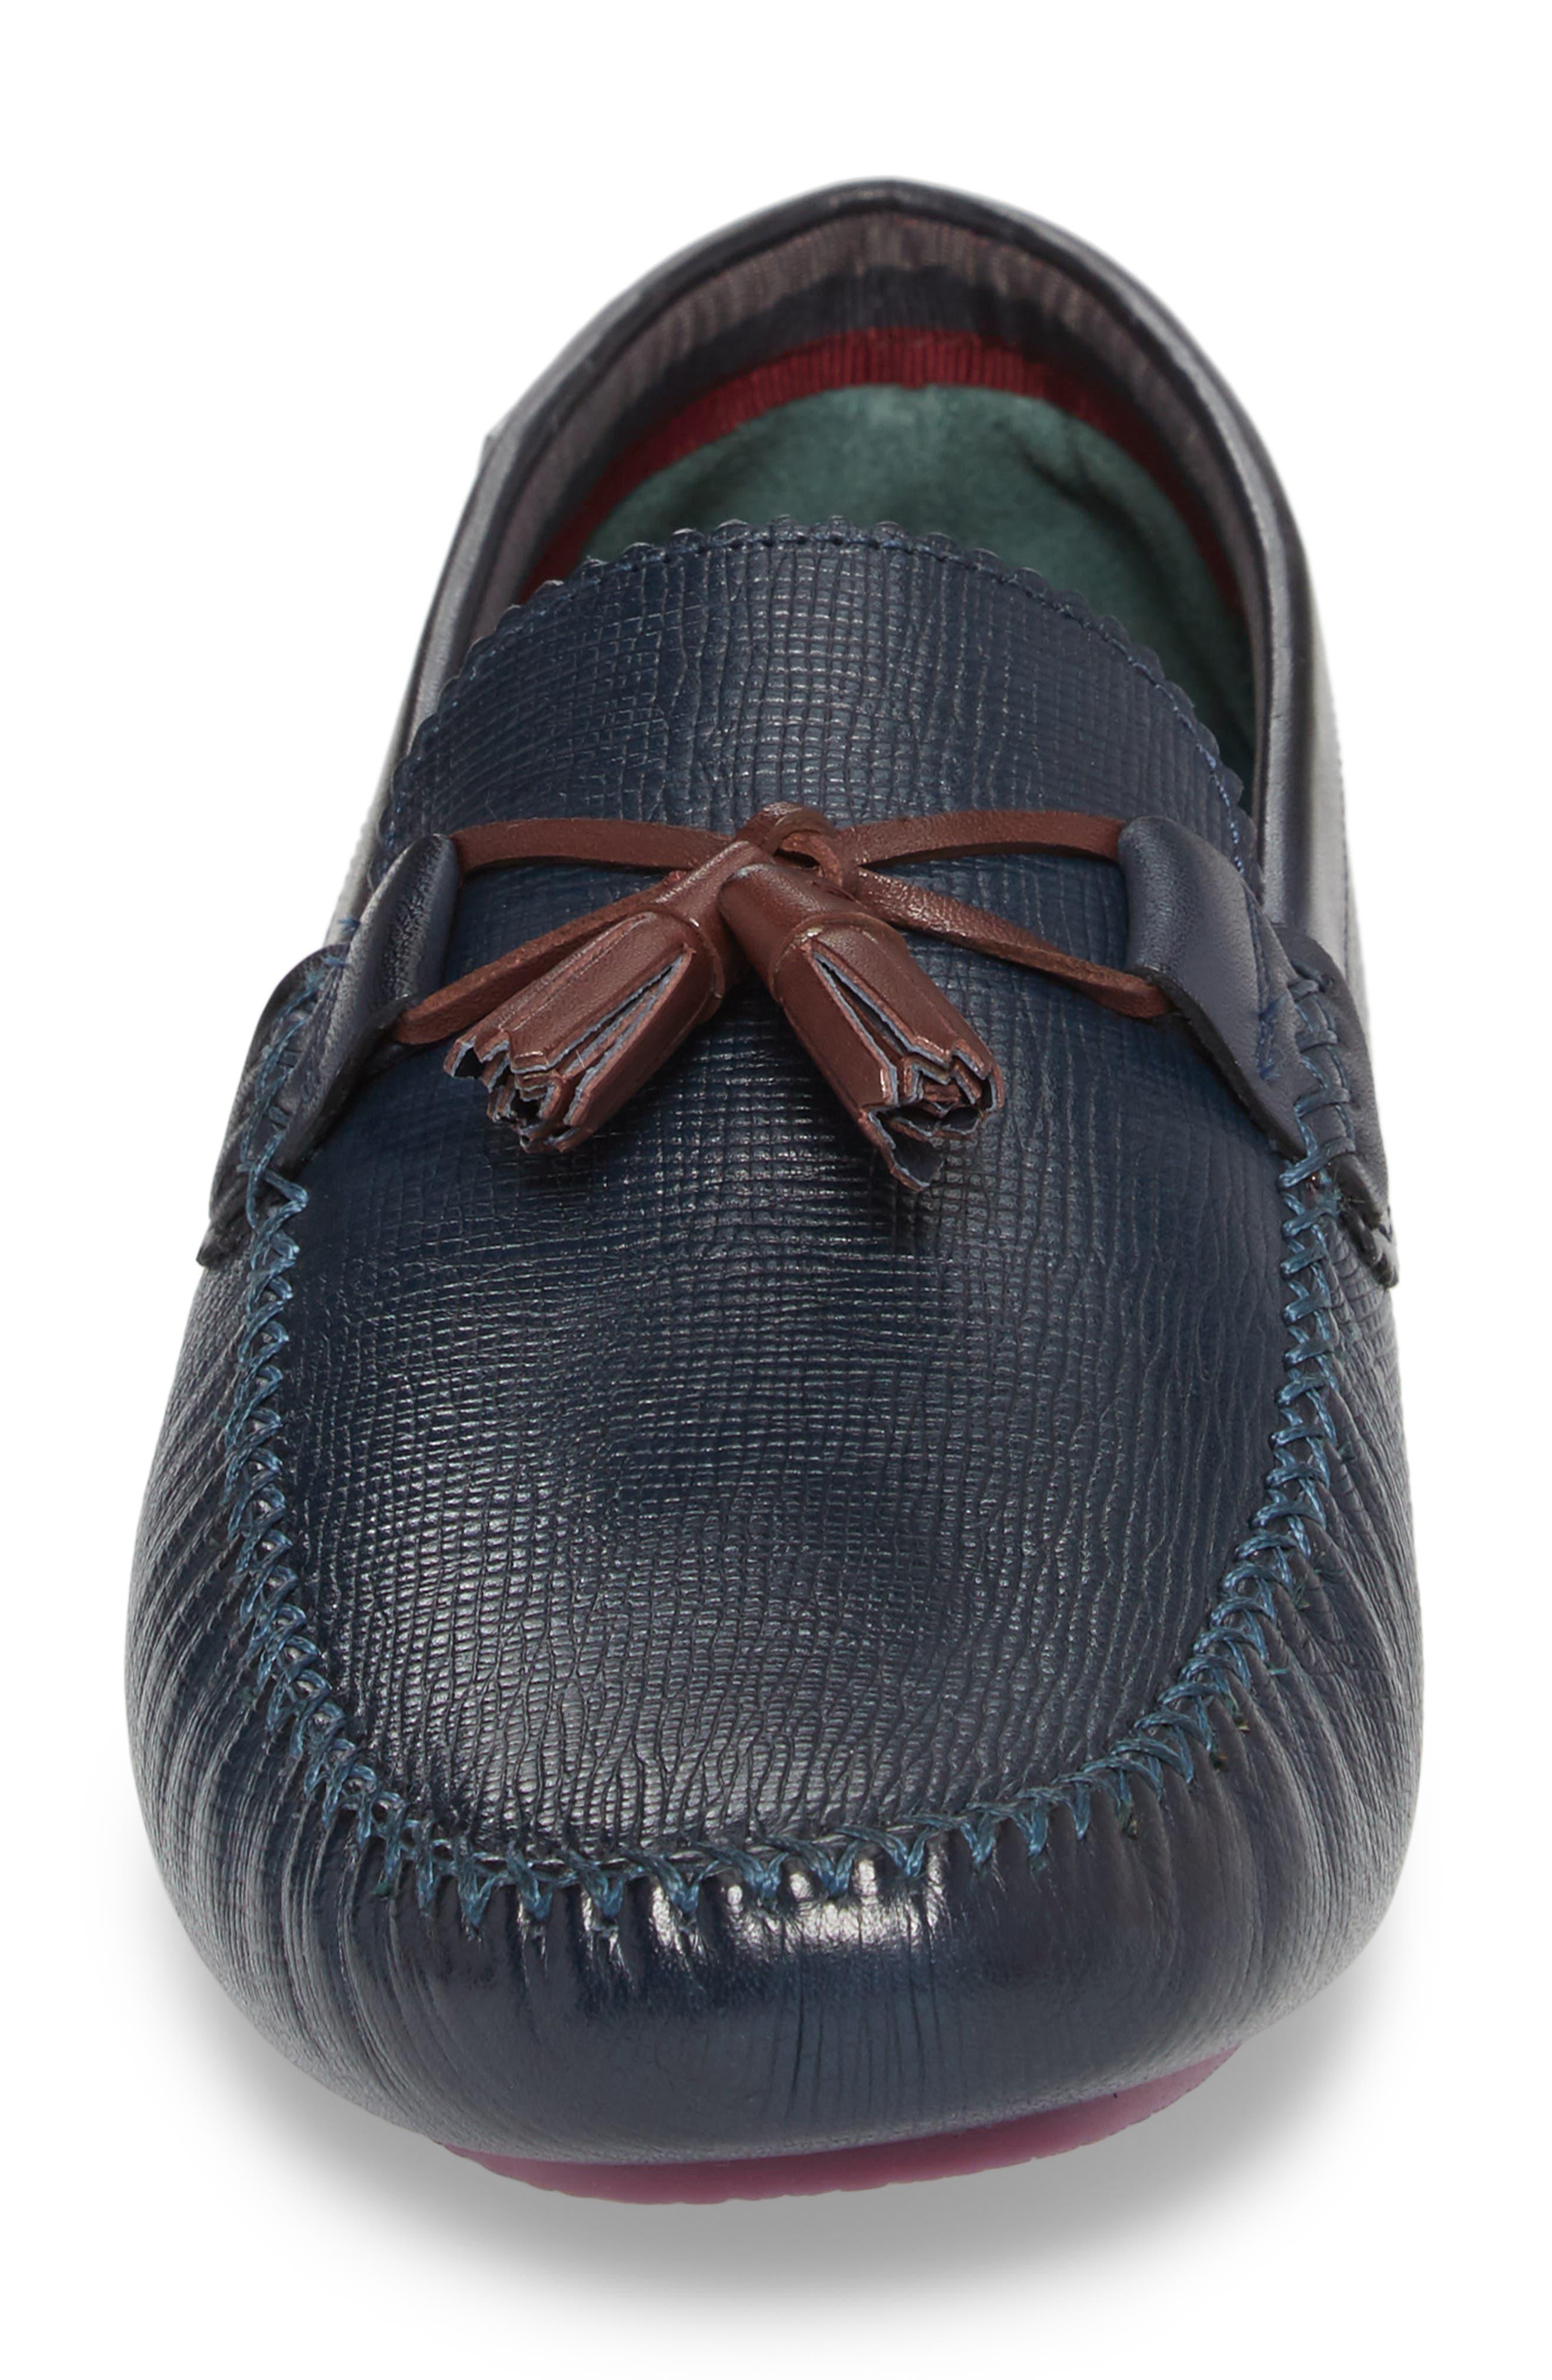 Alternate Image 4  - Ted Baker London Urbonn Tasseled Driving Loafer (Men)